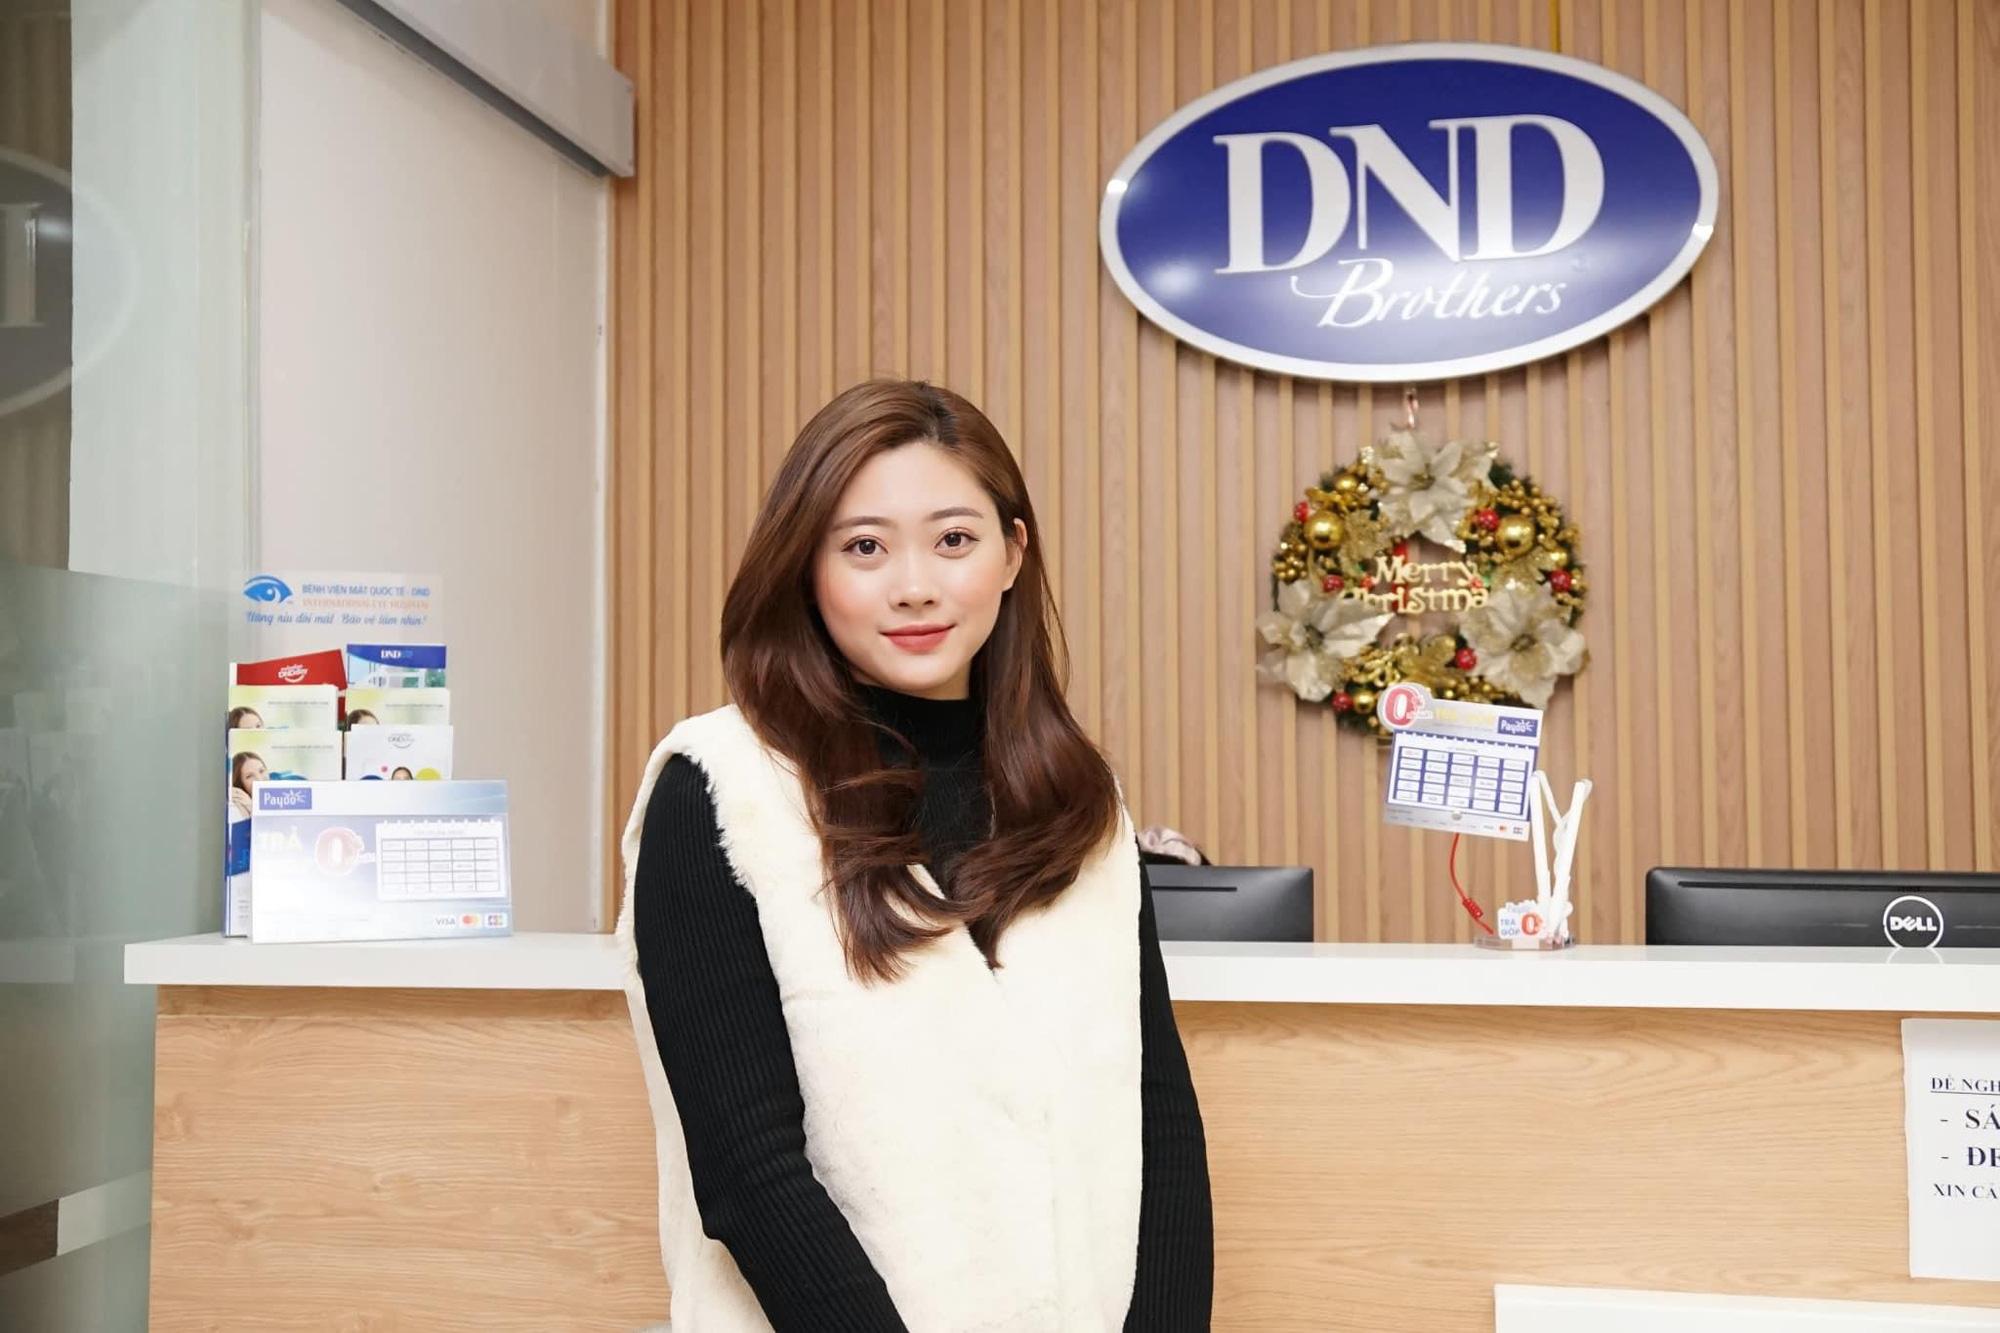 """Không hẹn mà gặp, dàn hot face Hà Nội đều đang tụ tập """"tân trang"""" hàm răng tại nơi này - Ảnh 1."""